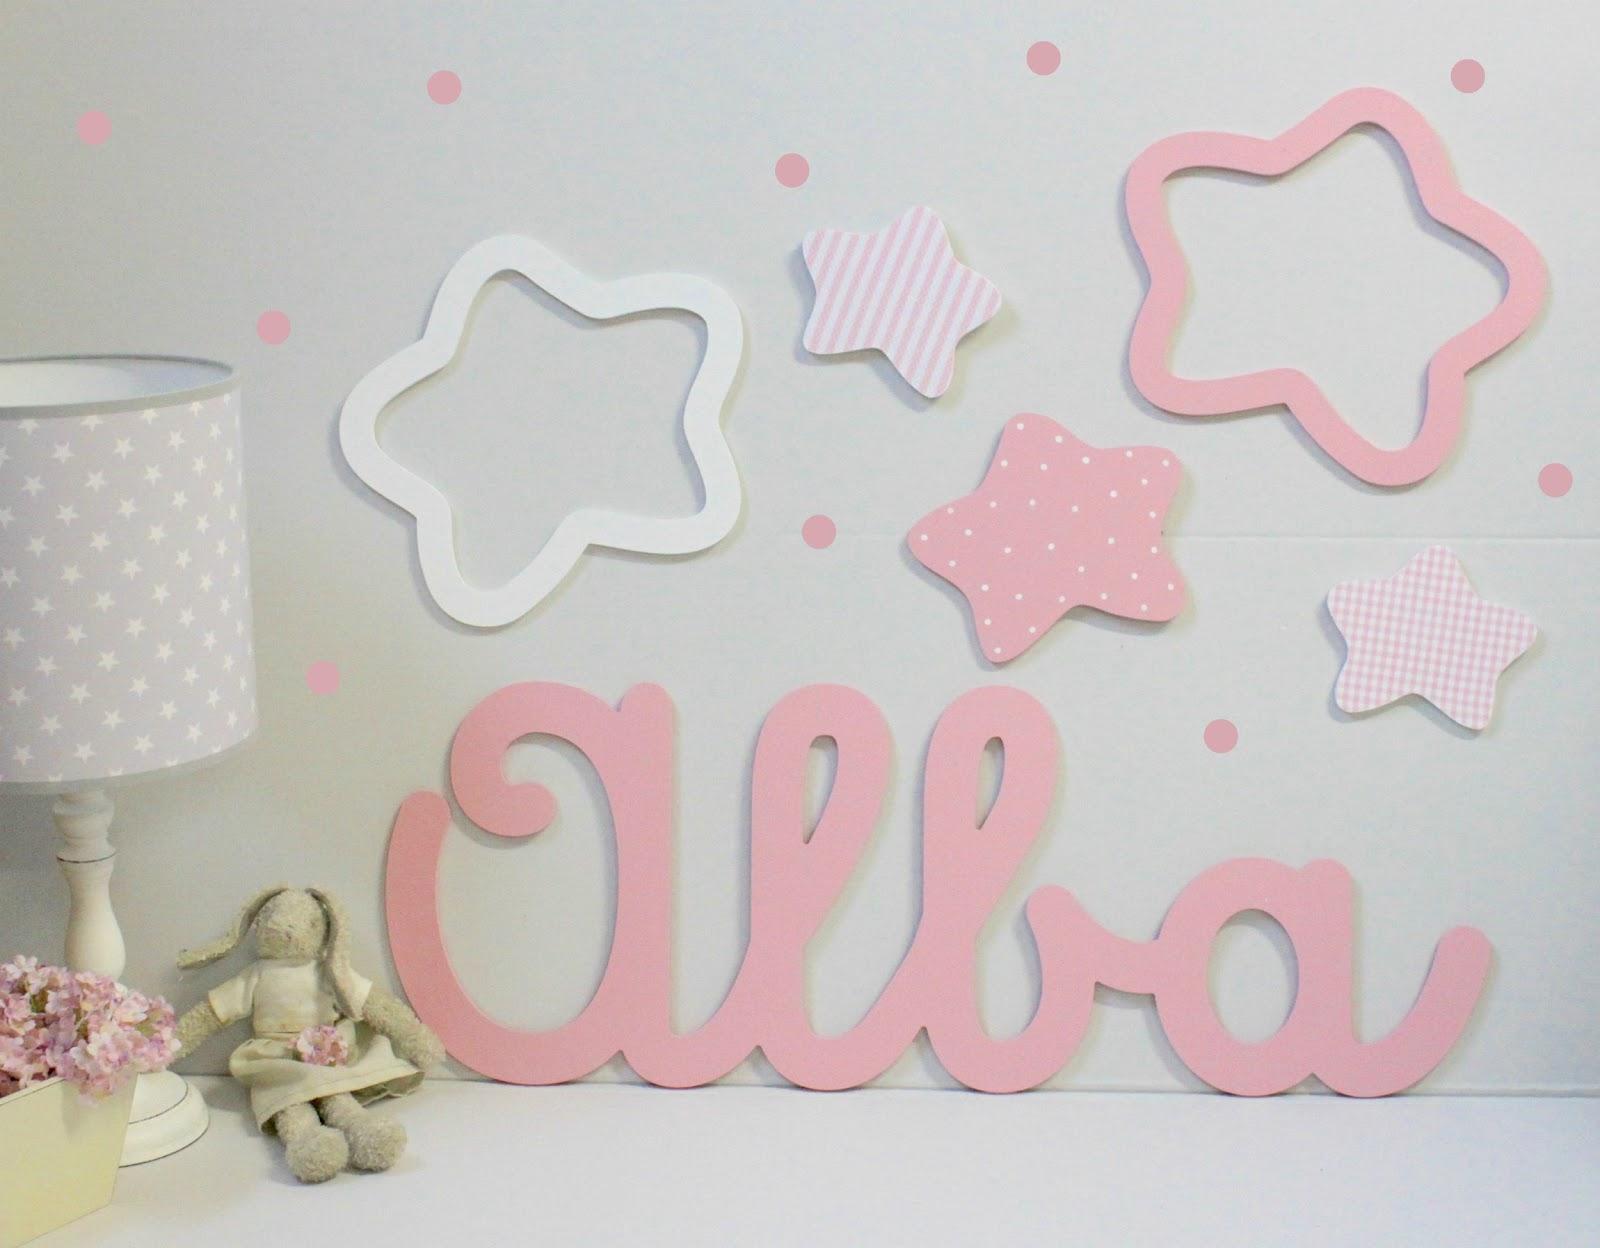 Nombres infantiles personalizados para pegar en la pared decoraci n infantil - Letras para paredes infantiles ...